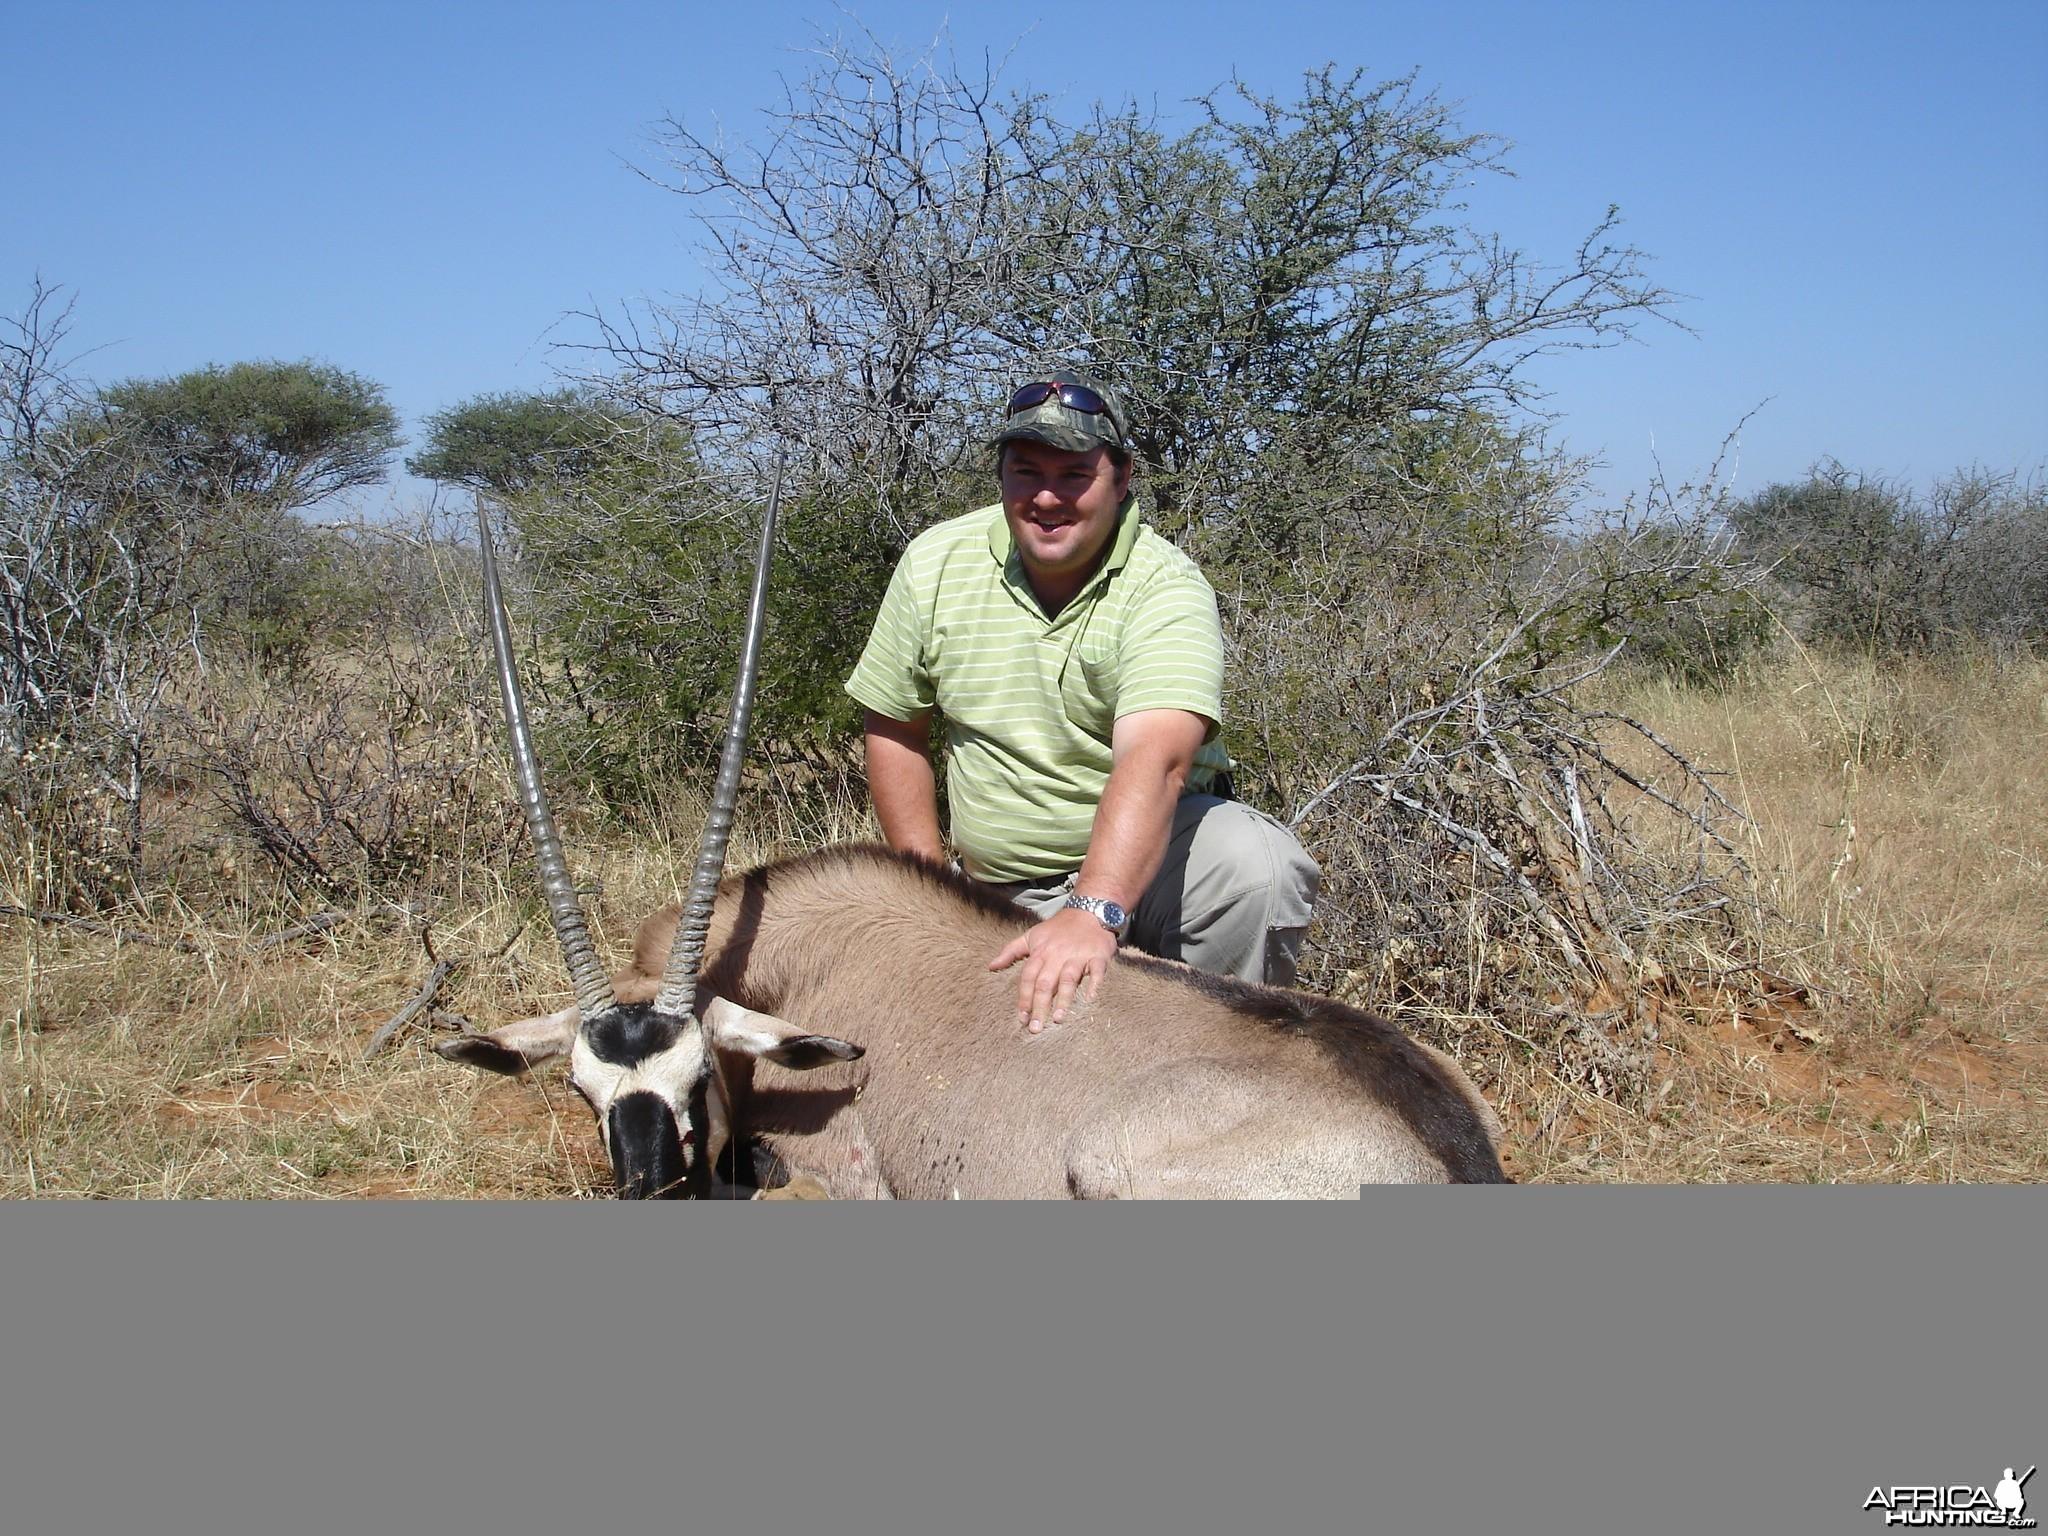 Gemsbok Namibia hunting 2008